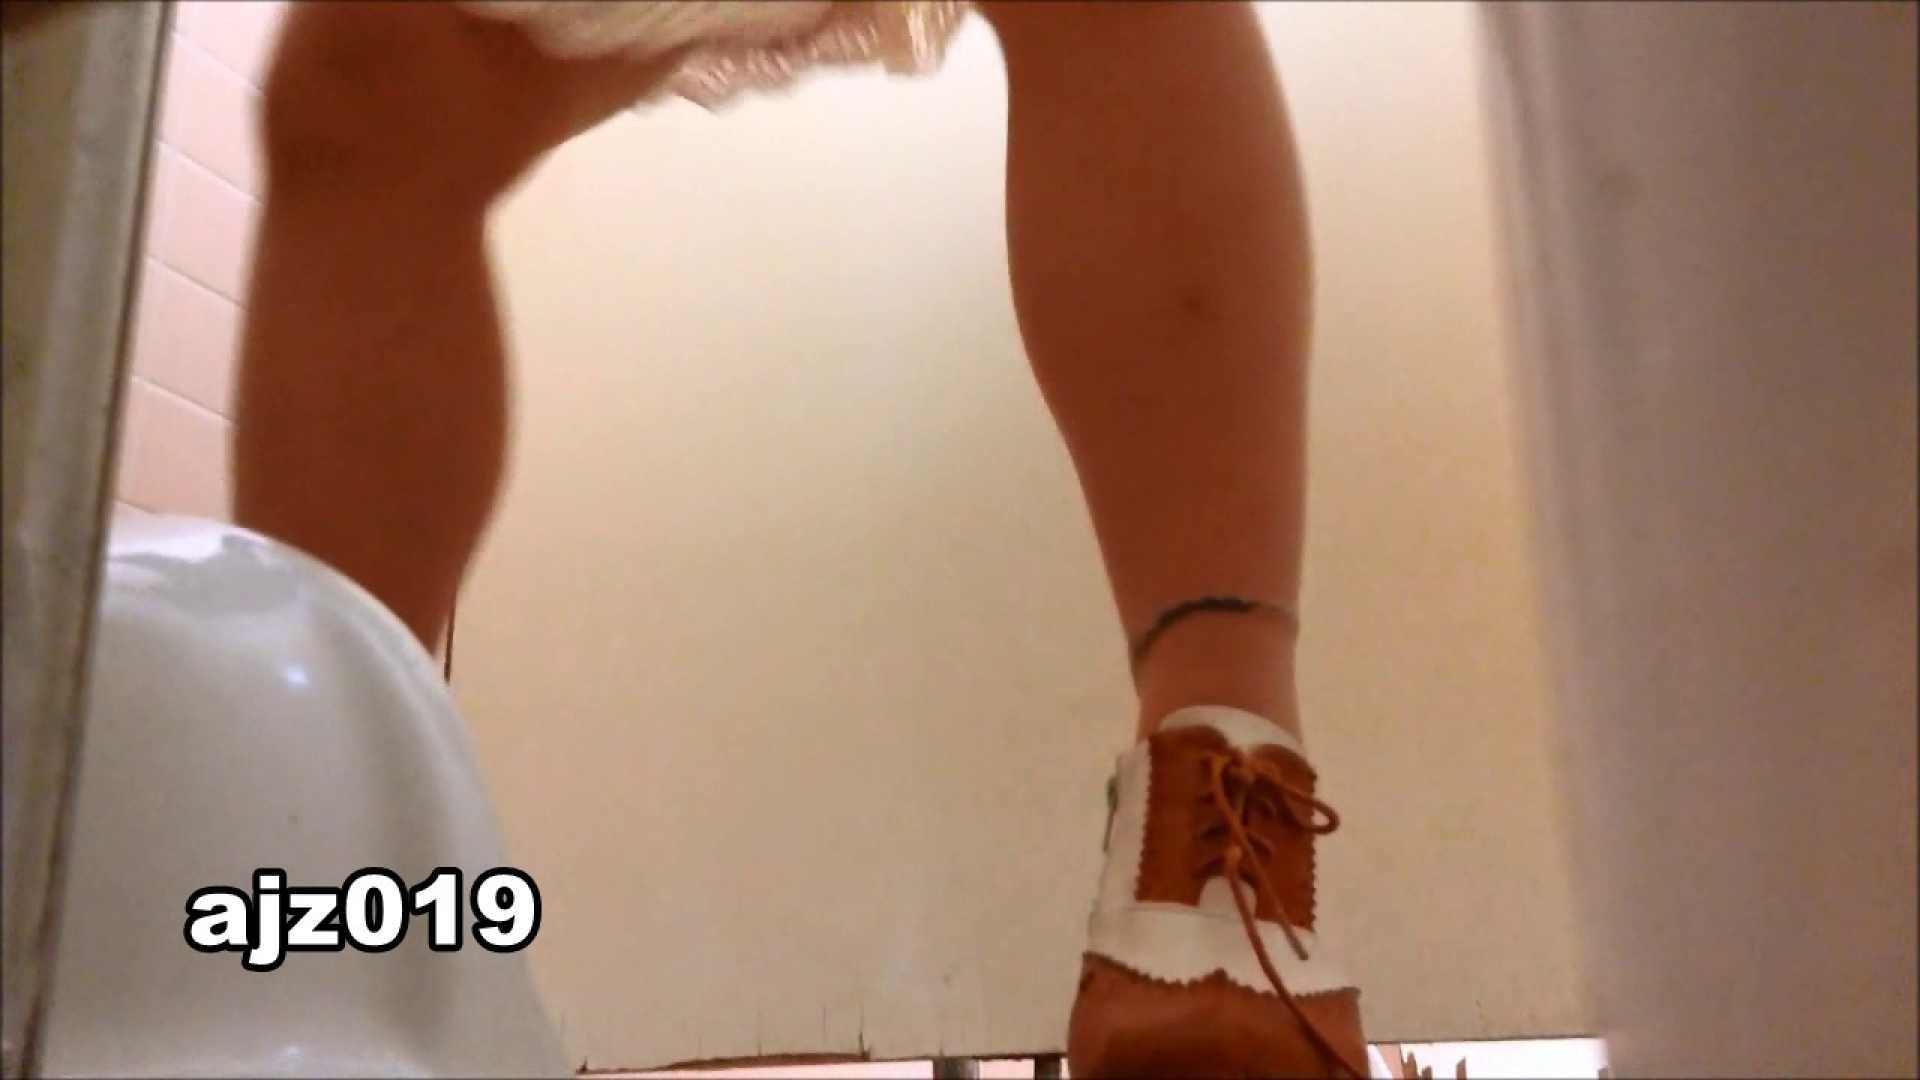 某有名大学女性洗面所 vol.19 和式  82連発 24